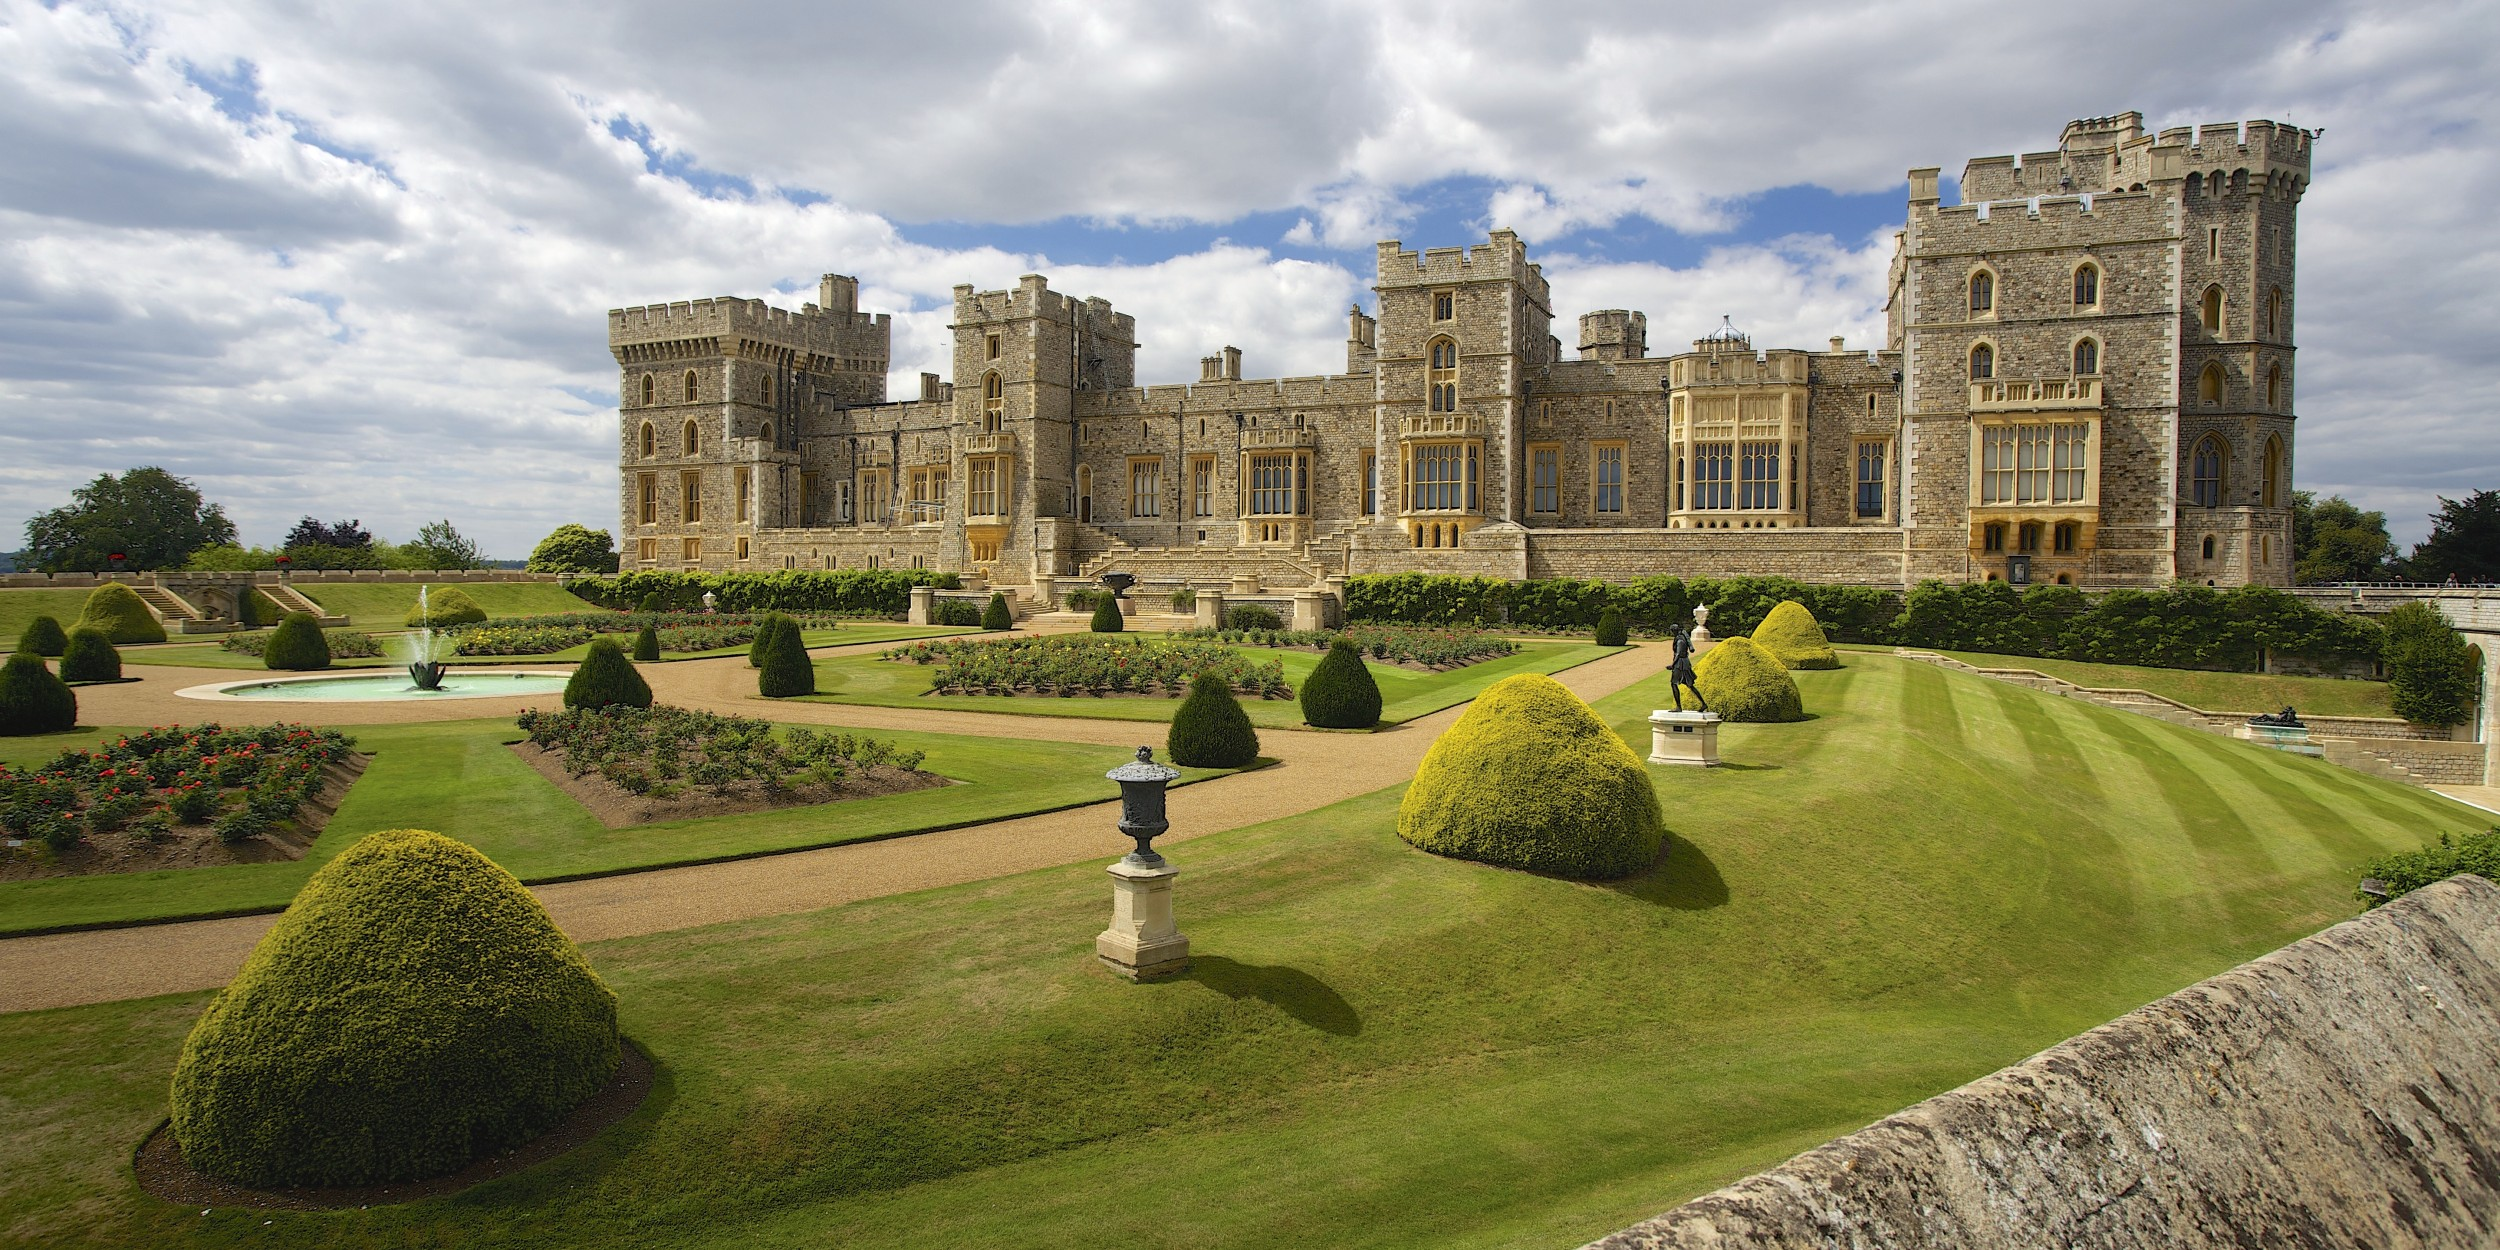 conhecer a inglaterra - palácio de Windsor